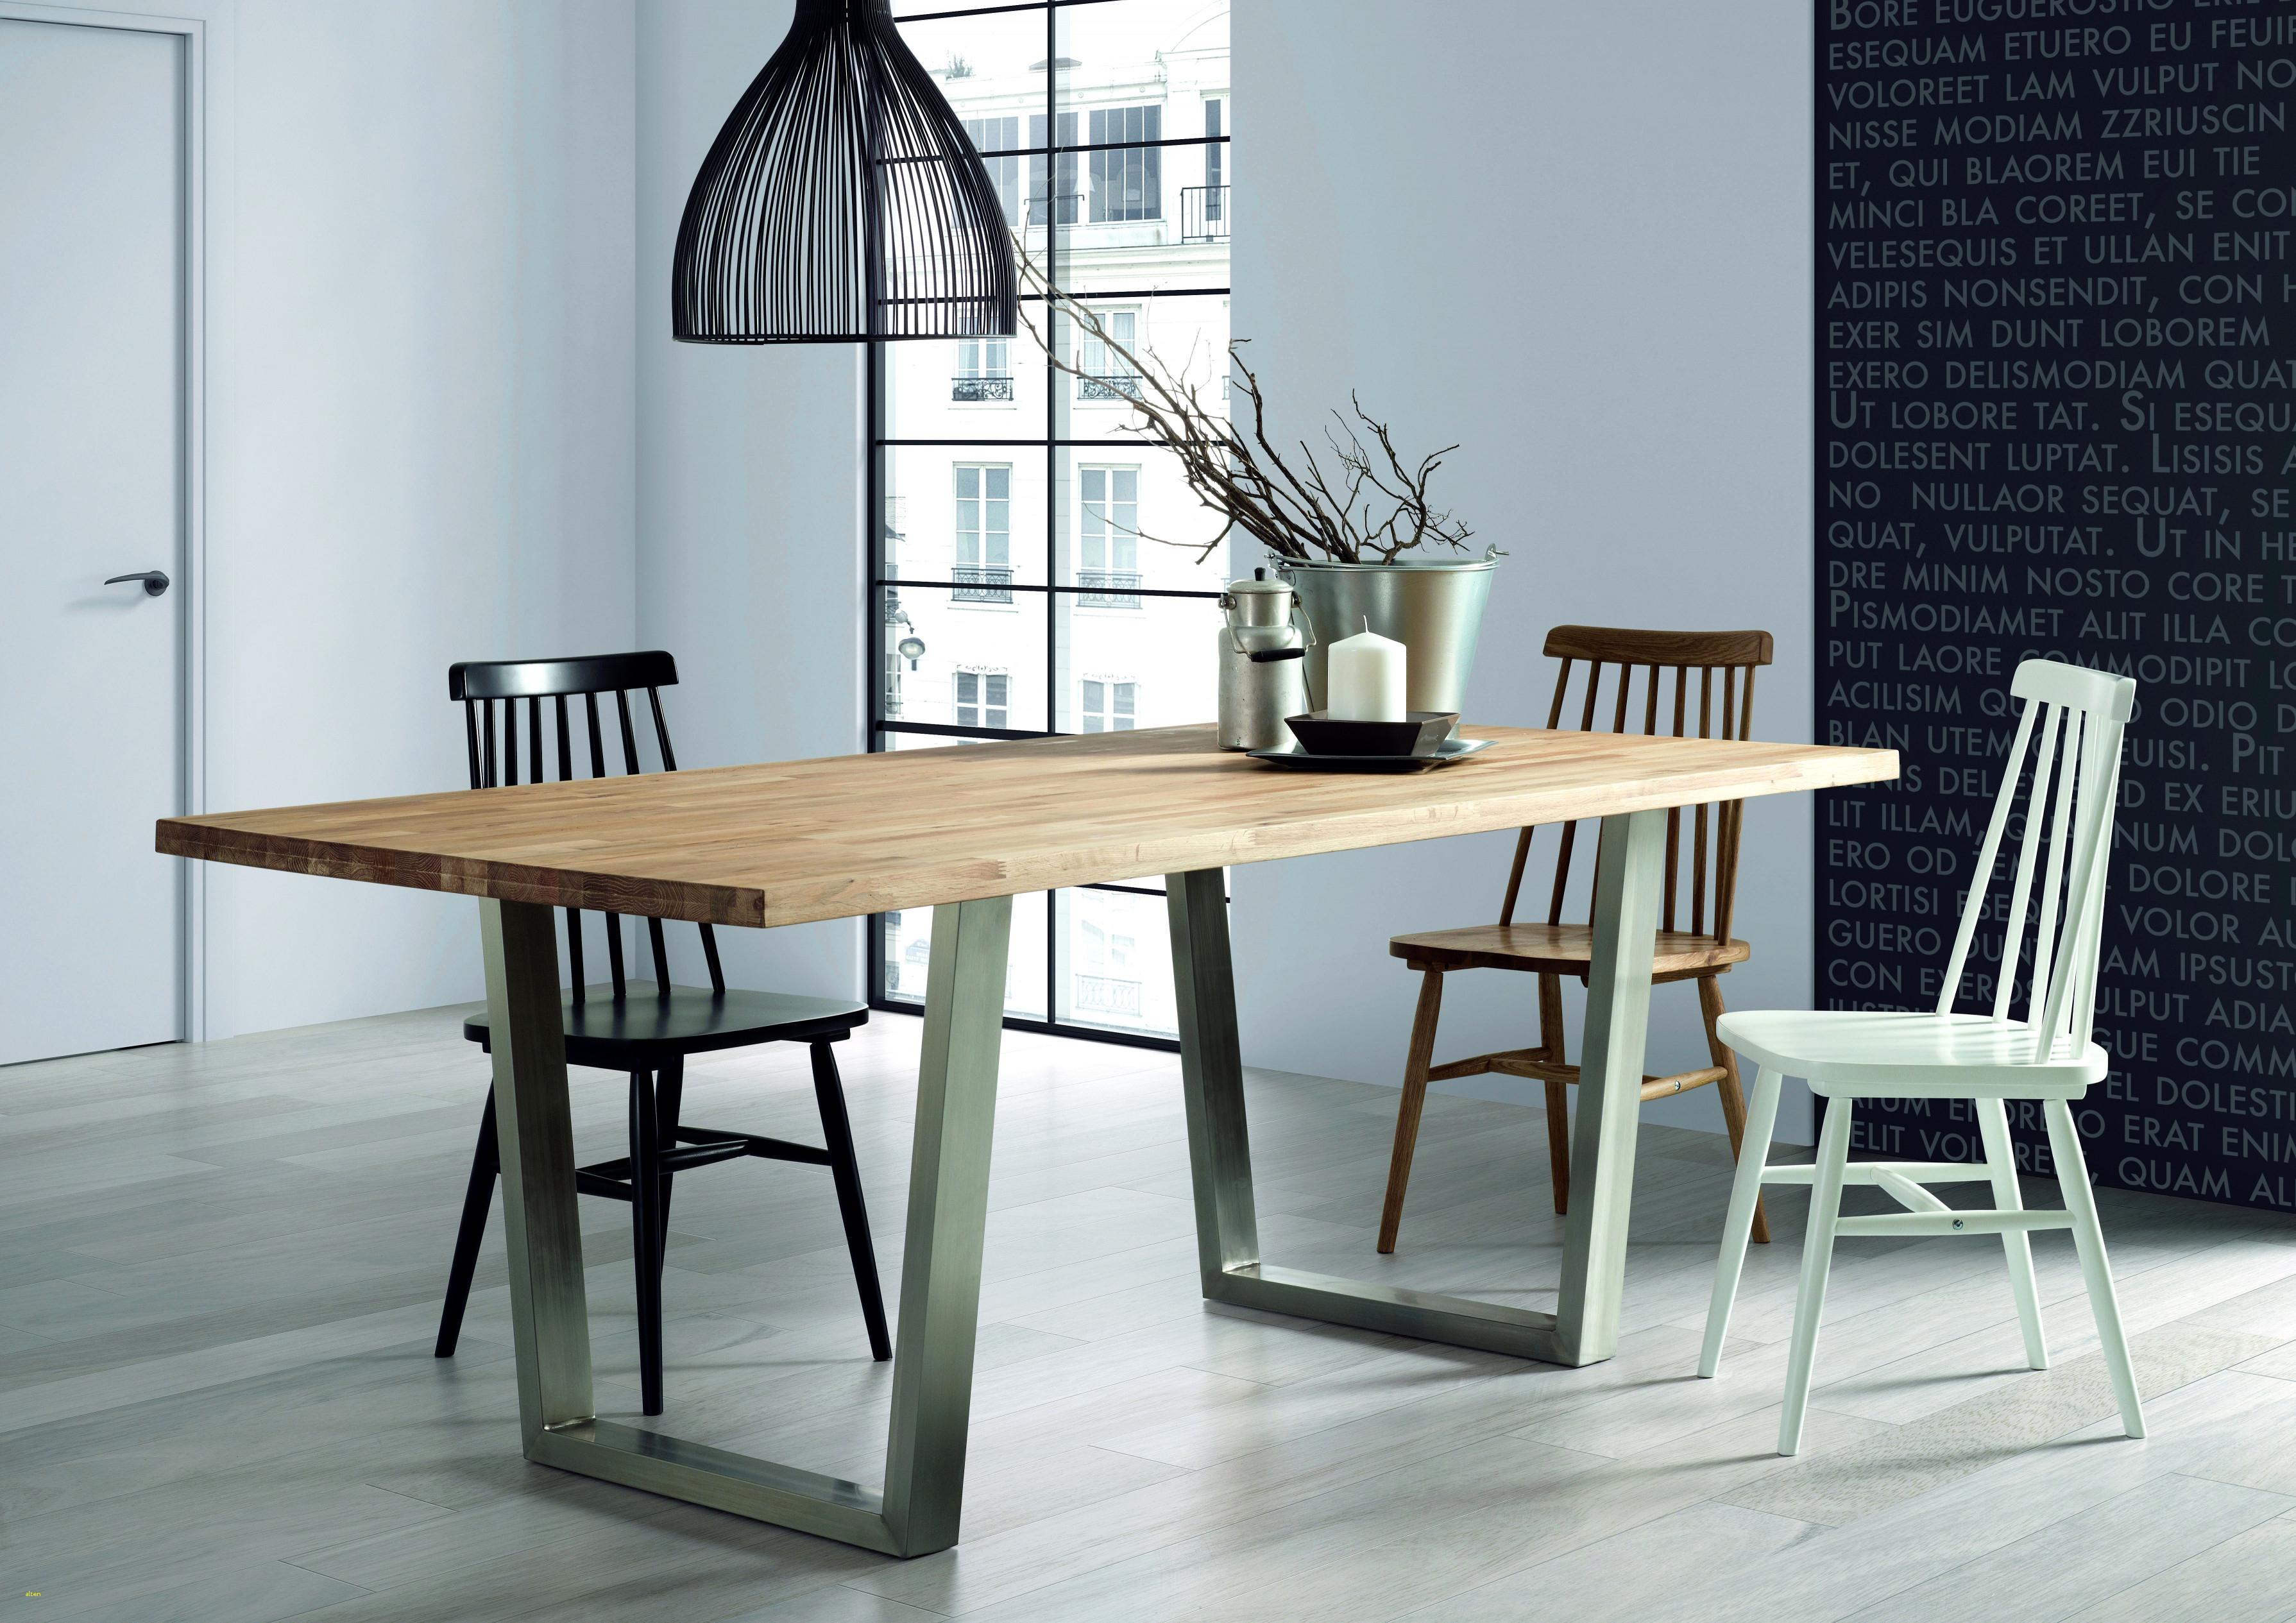 Housse De Fauteuil Extensible Ikea Beau Images Housse Extensible Pour Chaise Nhdrc